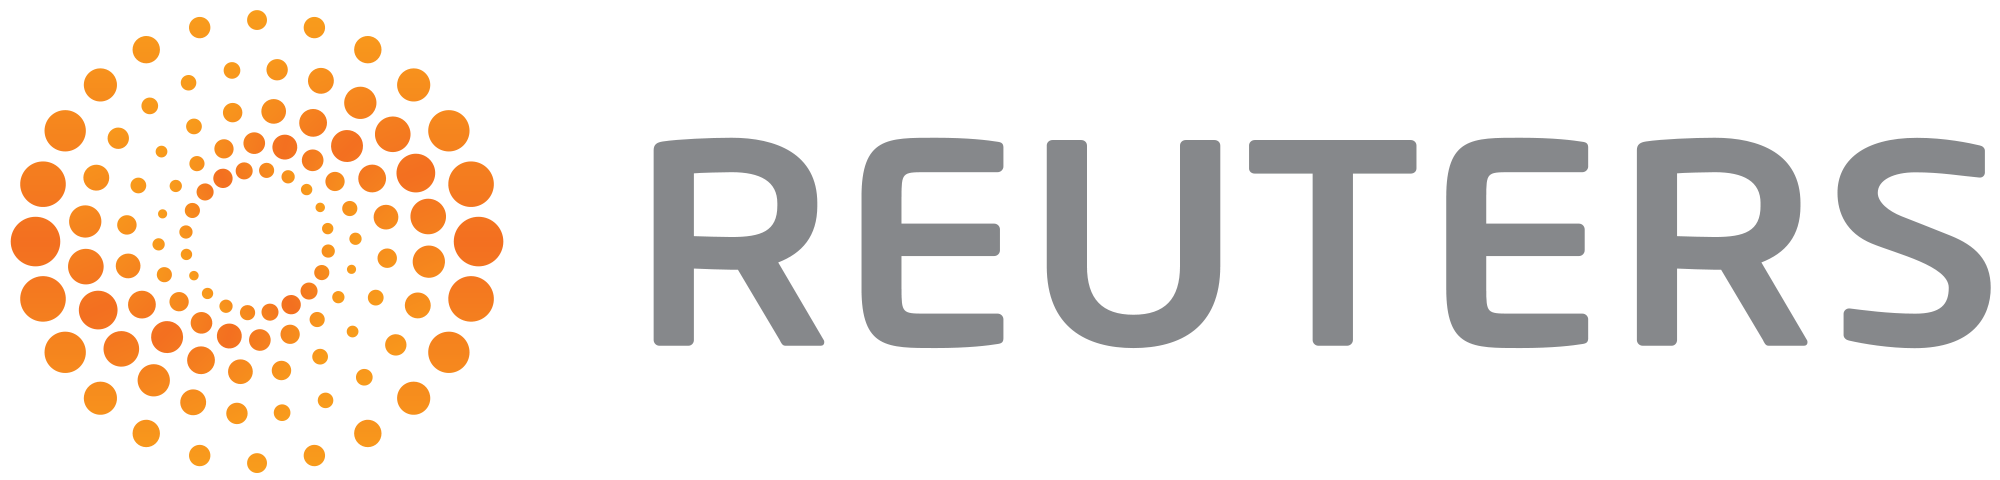 Reuters_logo-ba88e7597433e66c89fe32a5def089d6-1